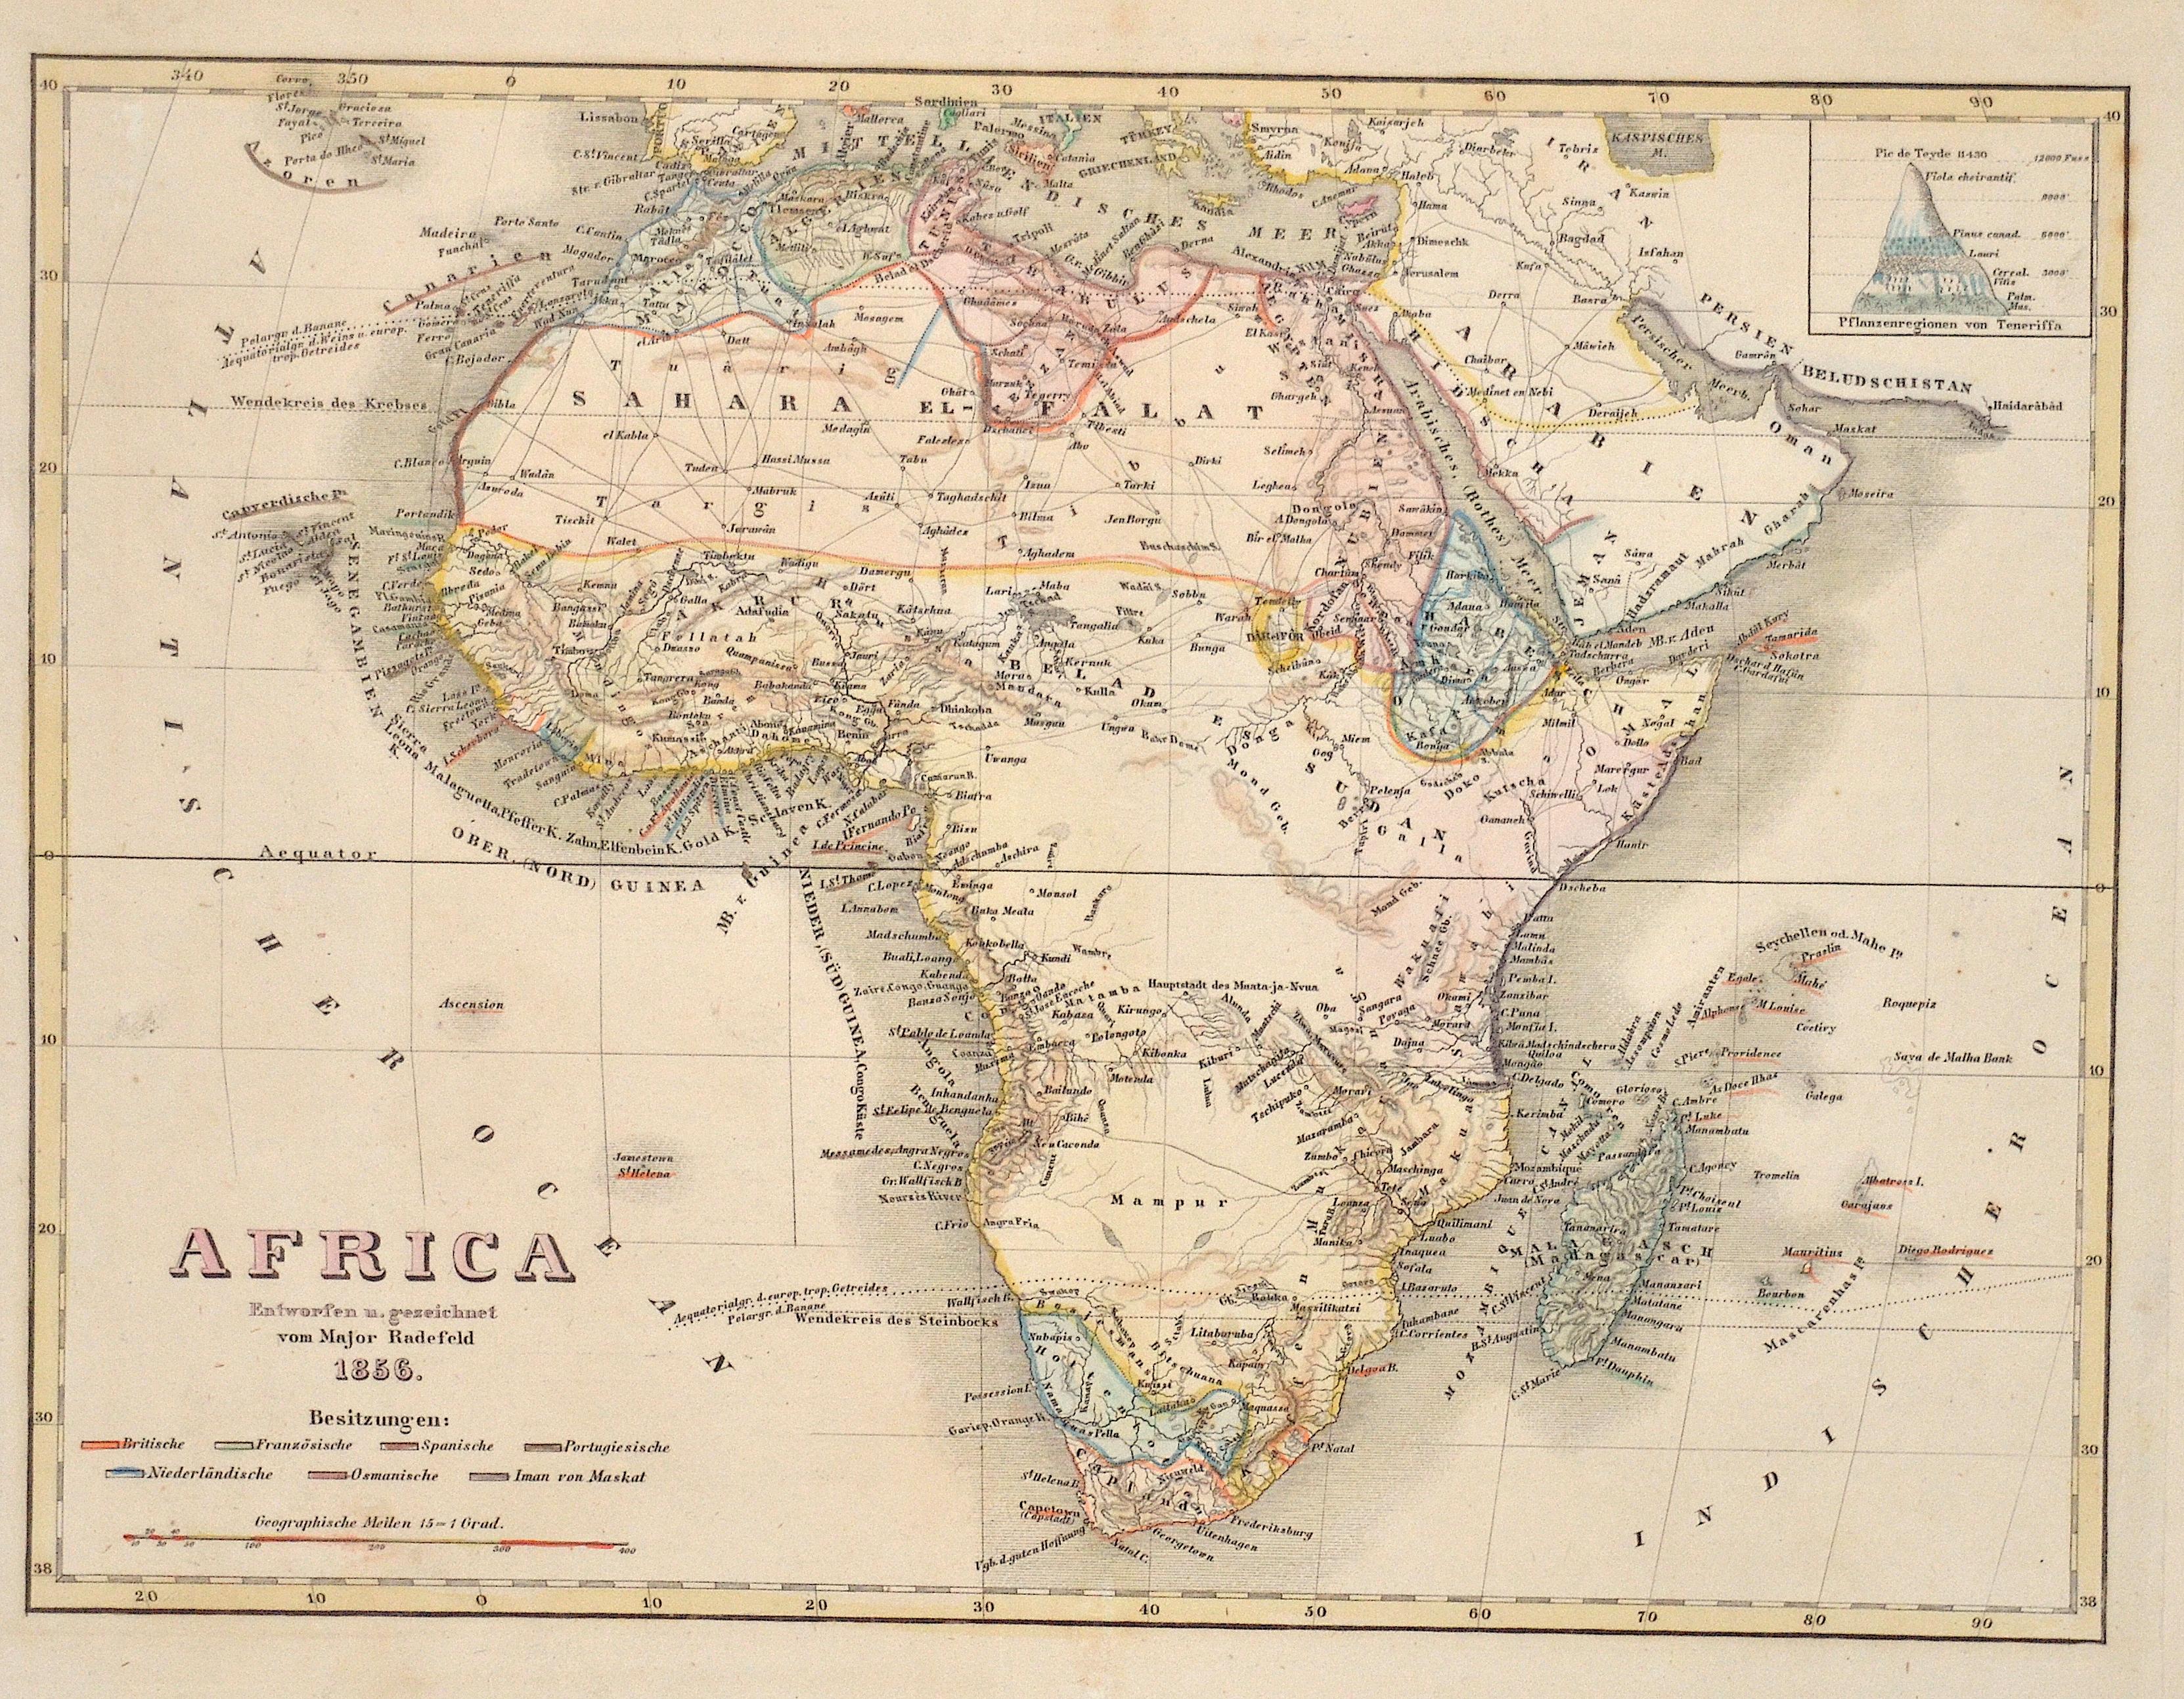 Radefeld  Africa Entworfen u. gezeichnet vom Major Radefeld 1856.